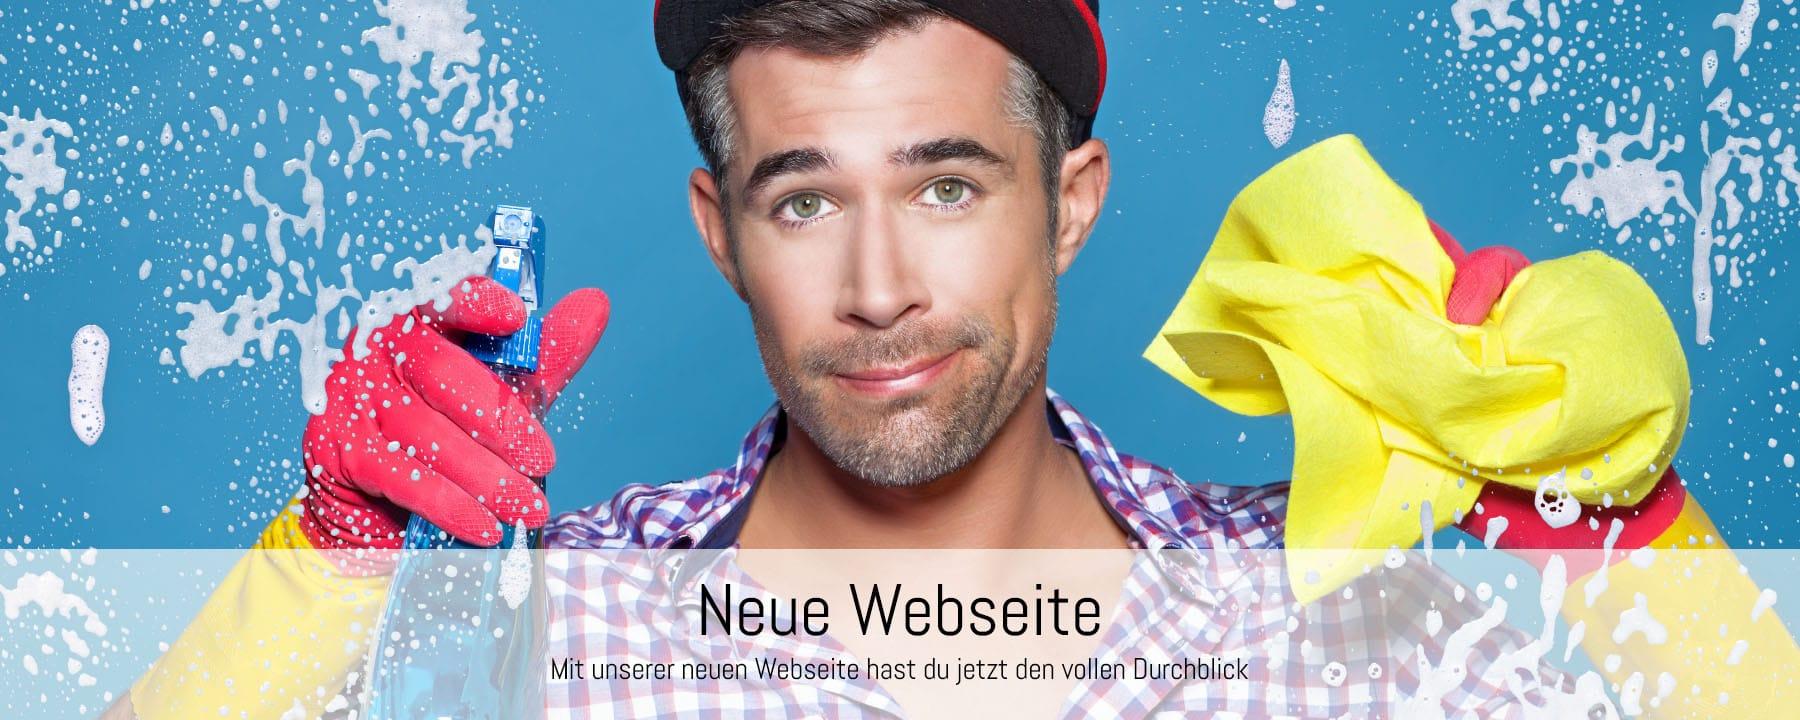 Fotoshooting Angebote Neue Webseite